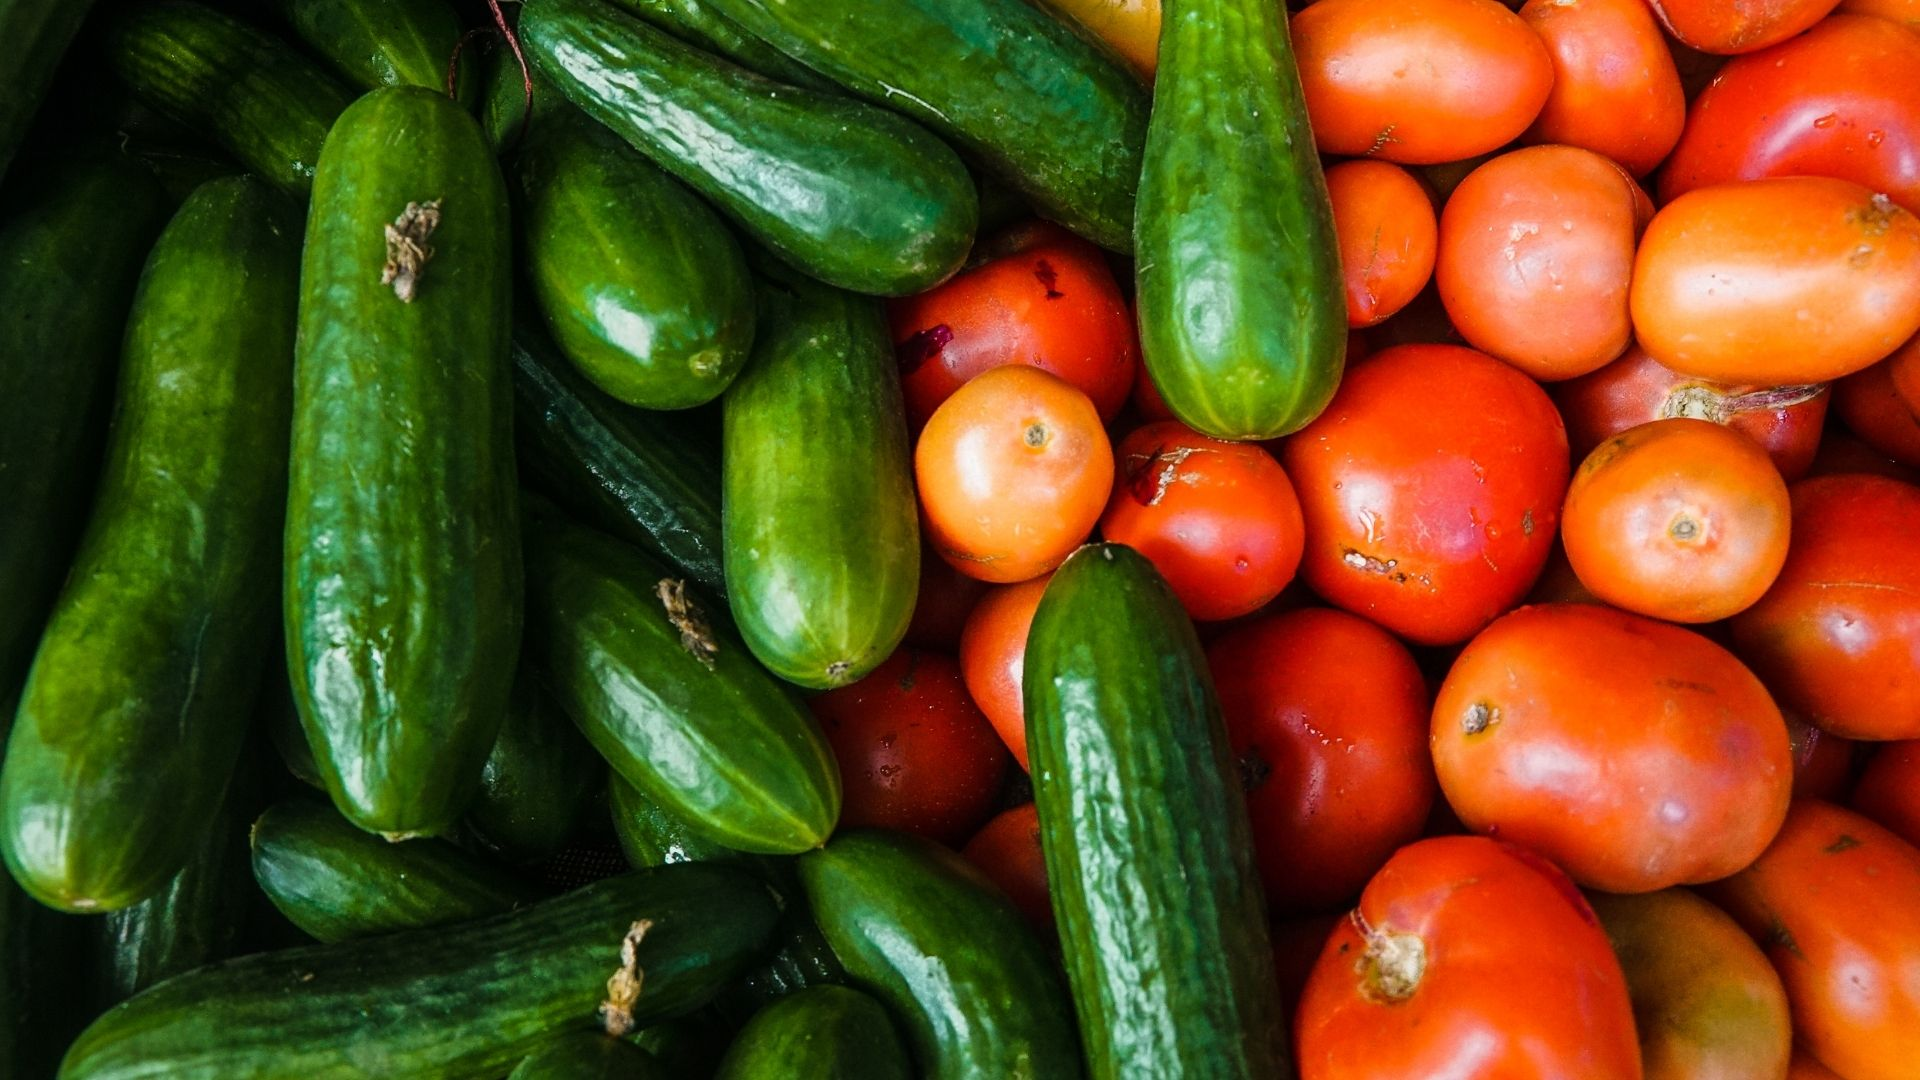 02 Wasserreiche Lebensmittel - Gemüse mit hohem Wasseranteil